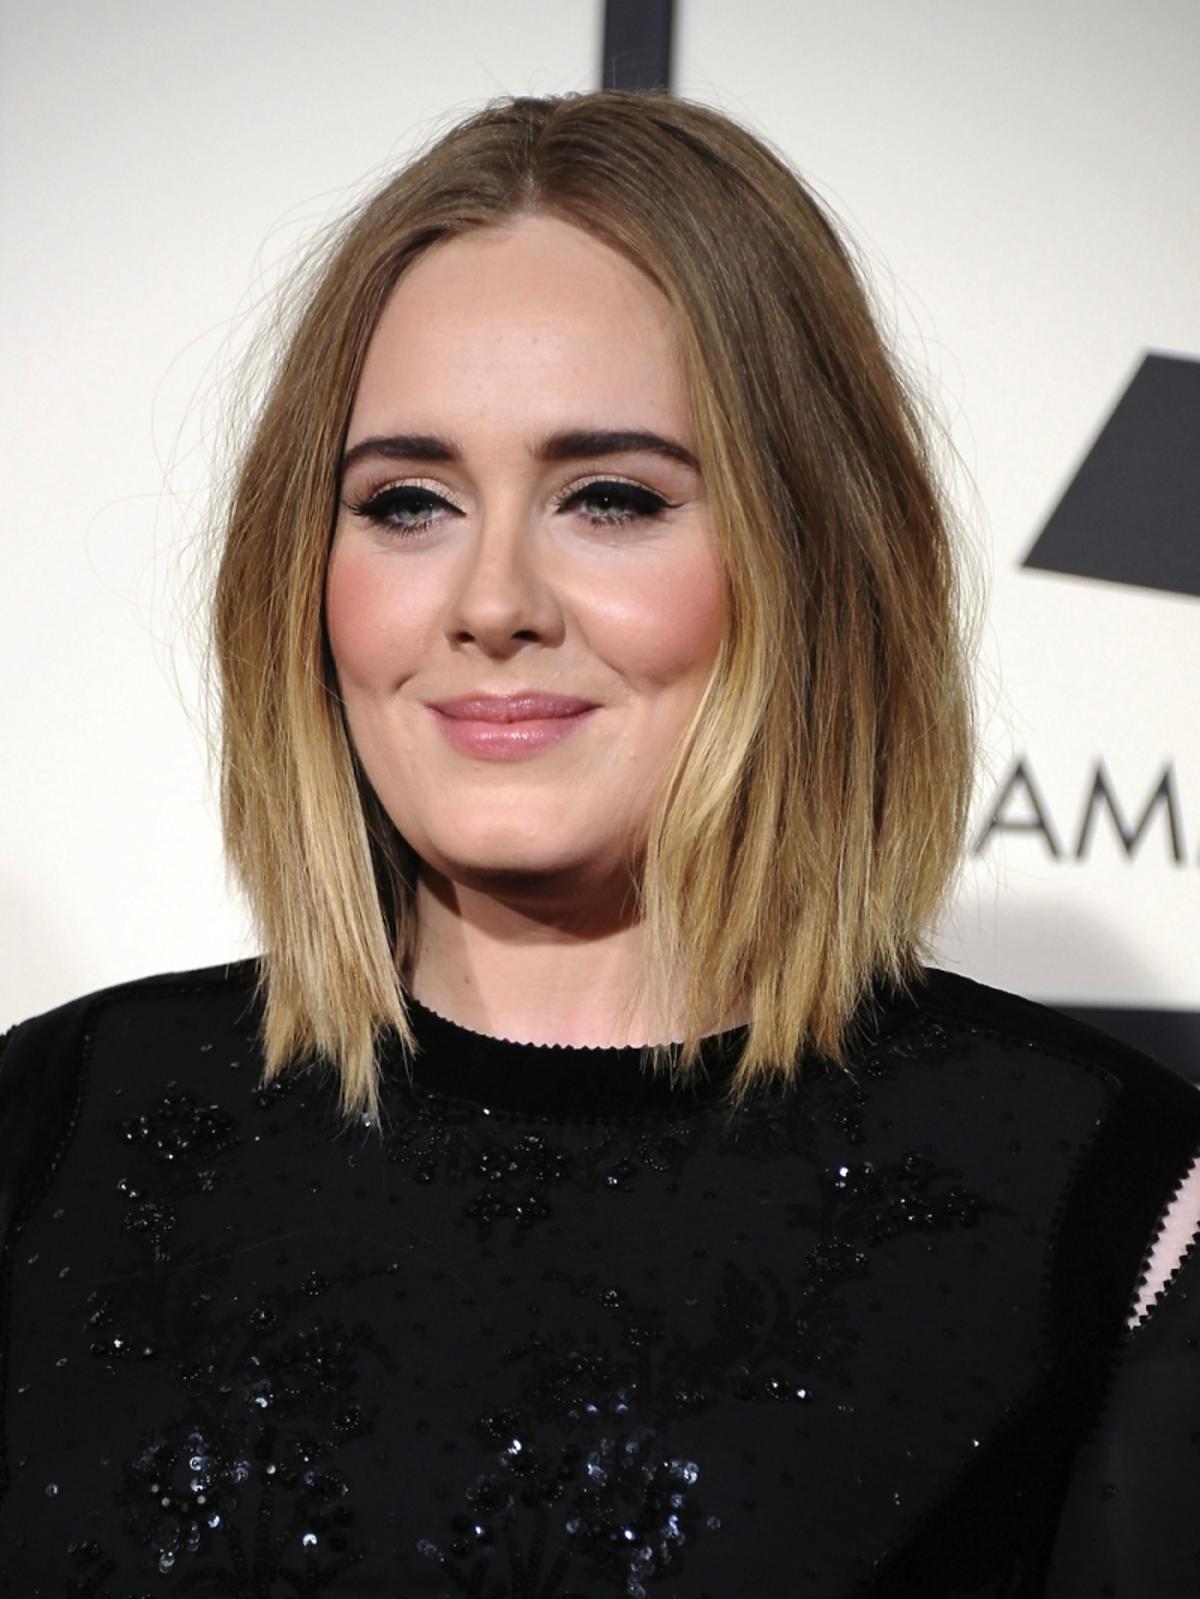 Adele w czarnej sukience i makijażu z eyelinerem